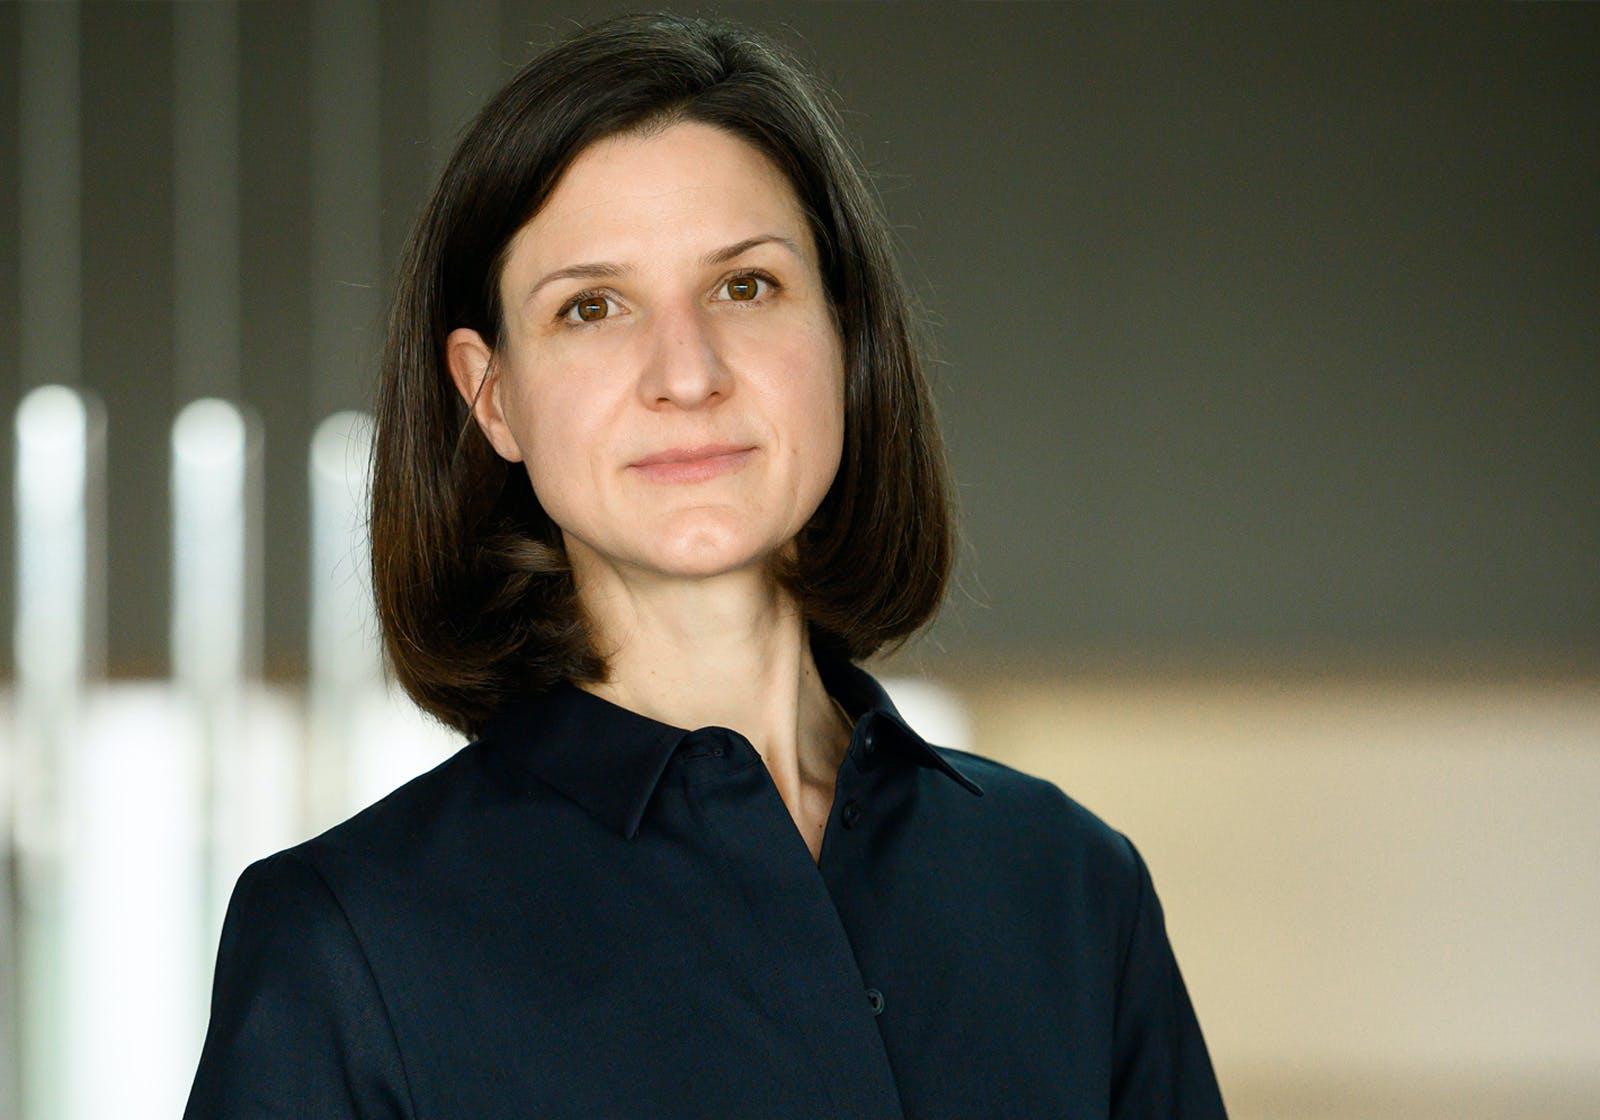 Neue Professorin für Innenarchitektur in Coburg   competitionline